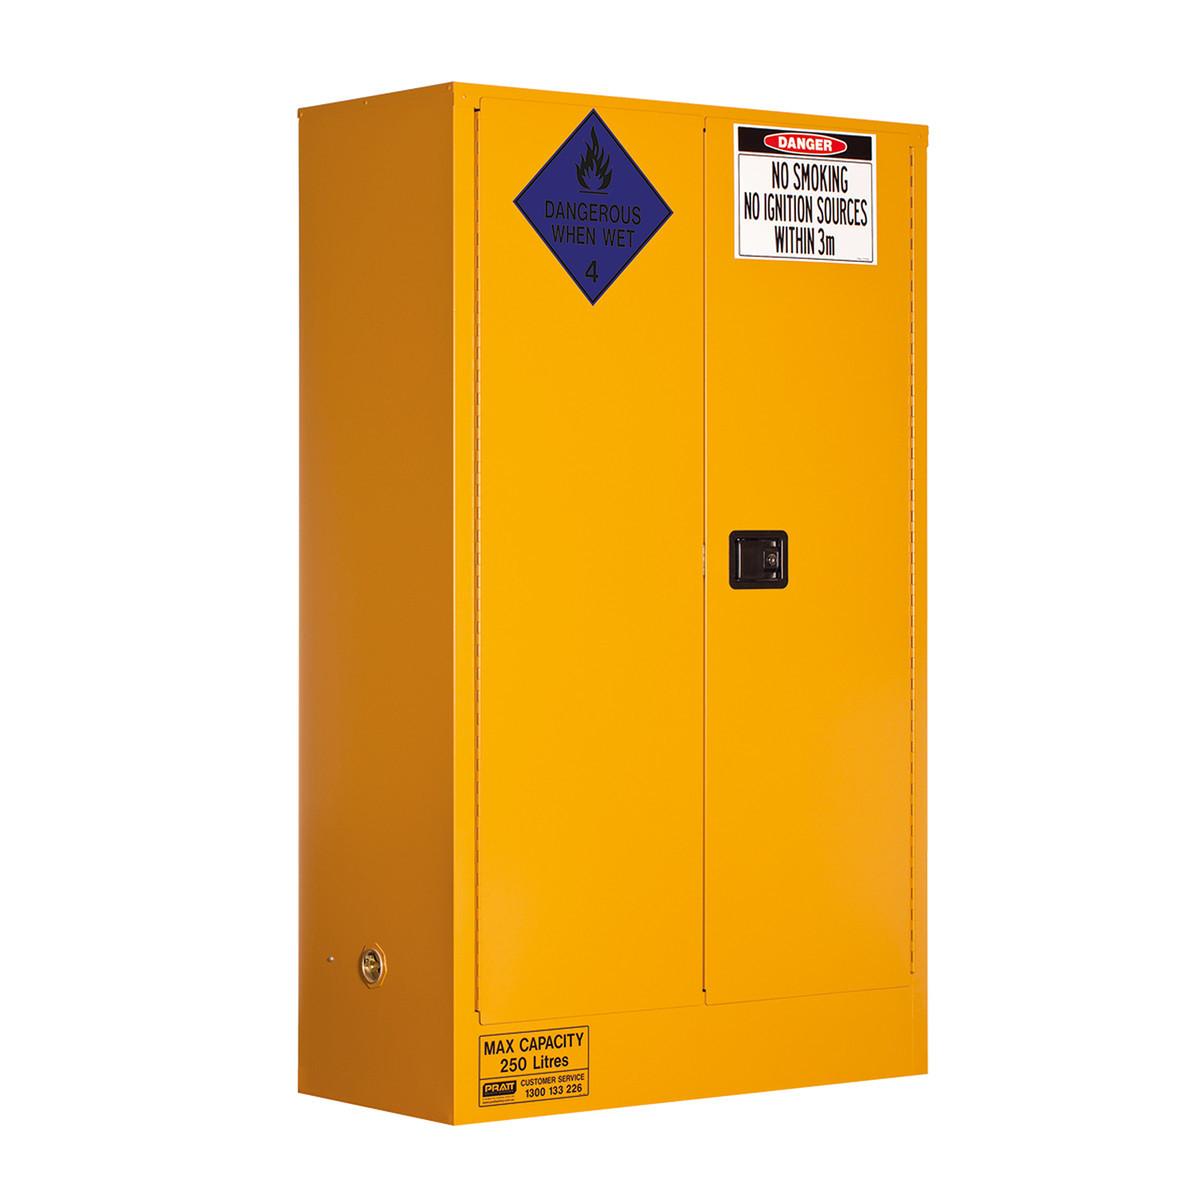 Class 4 Dangerous Goods Storage Cabinet 250 Liters - 2 Door, 3 Shelf